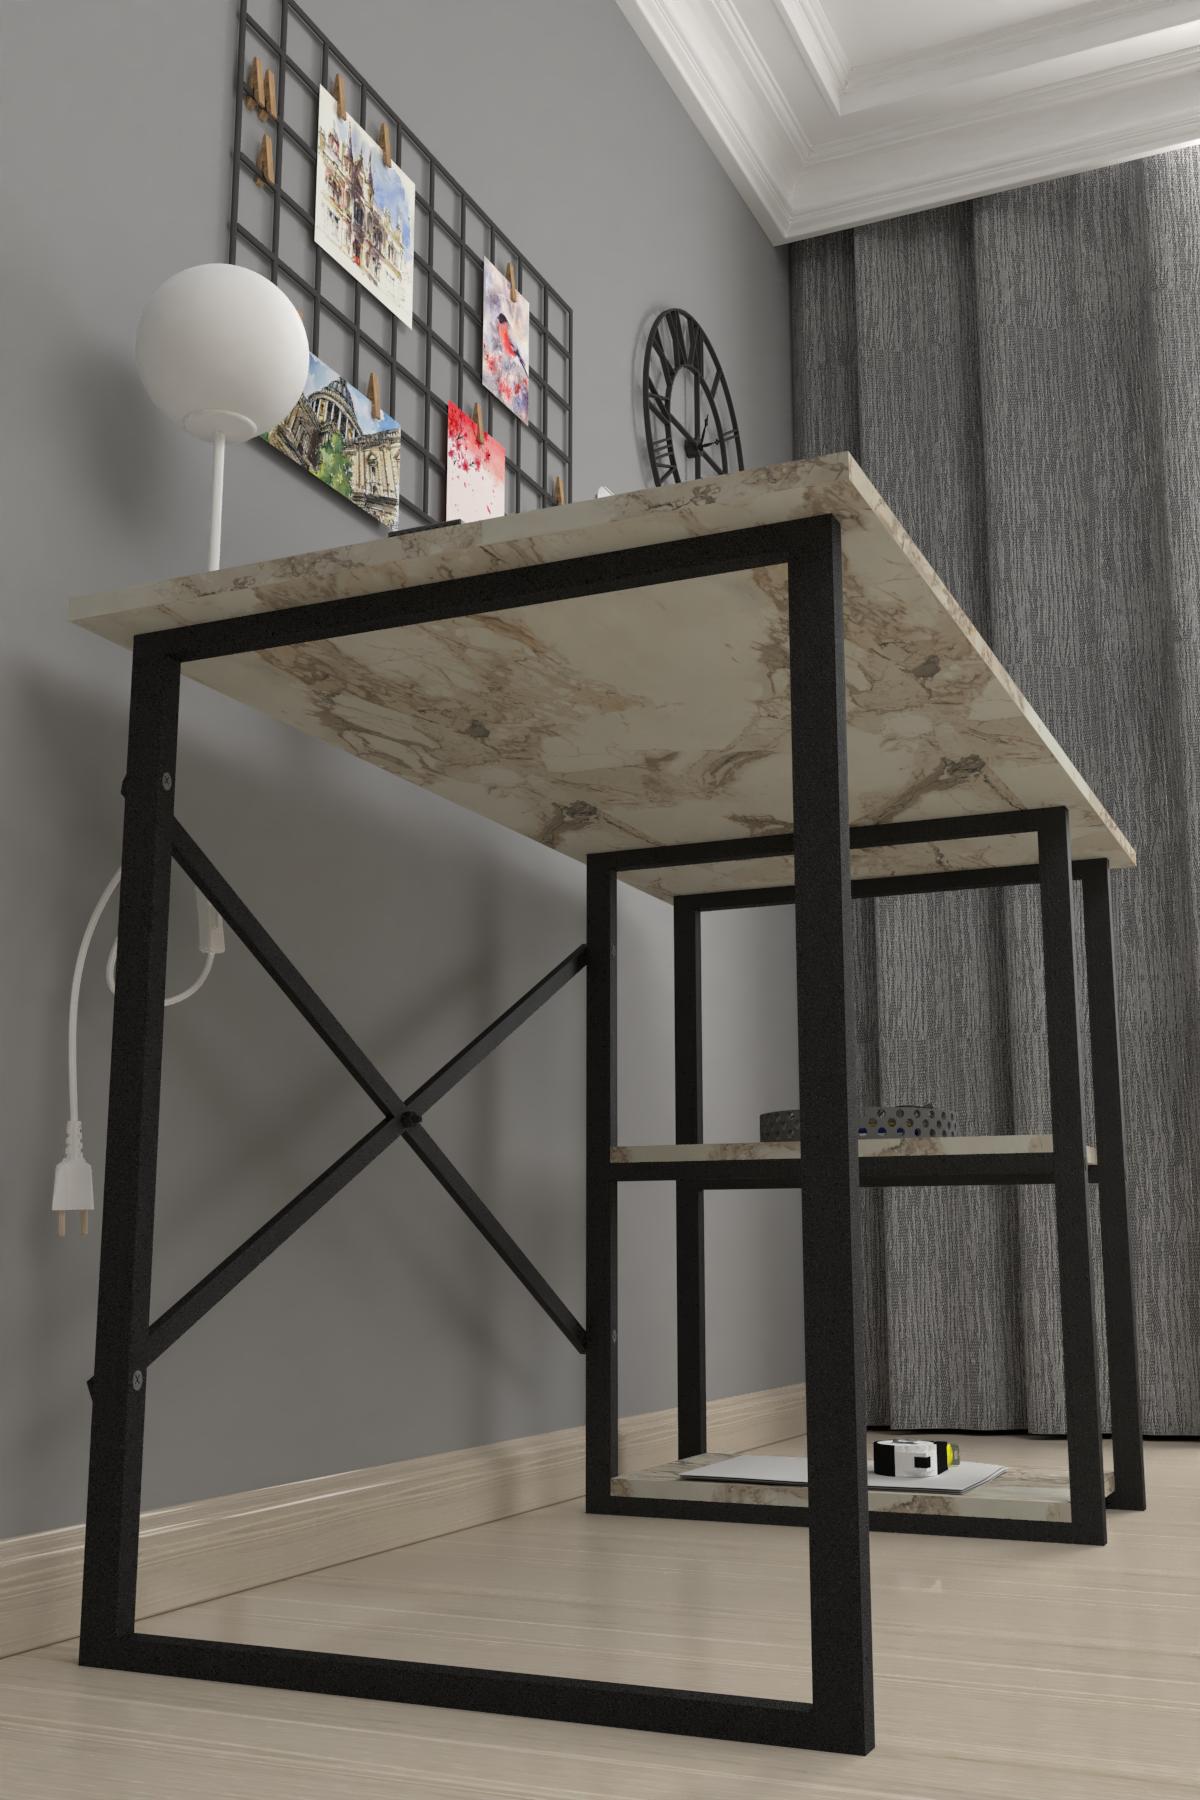 Bofigo 2 Shelf Desk 60x120 cm Efes